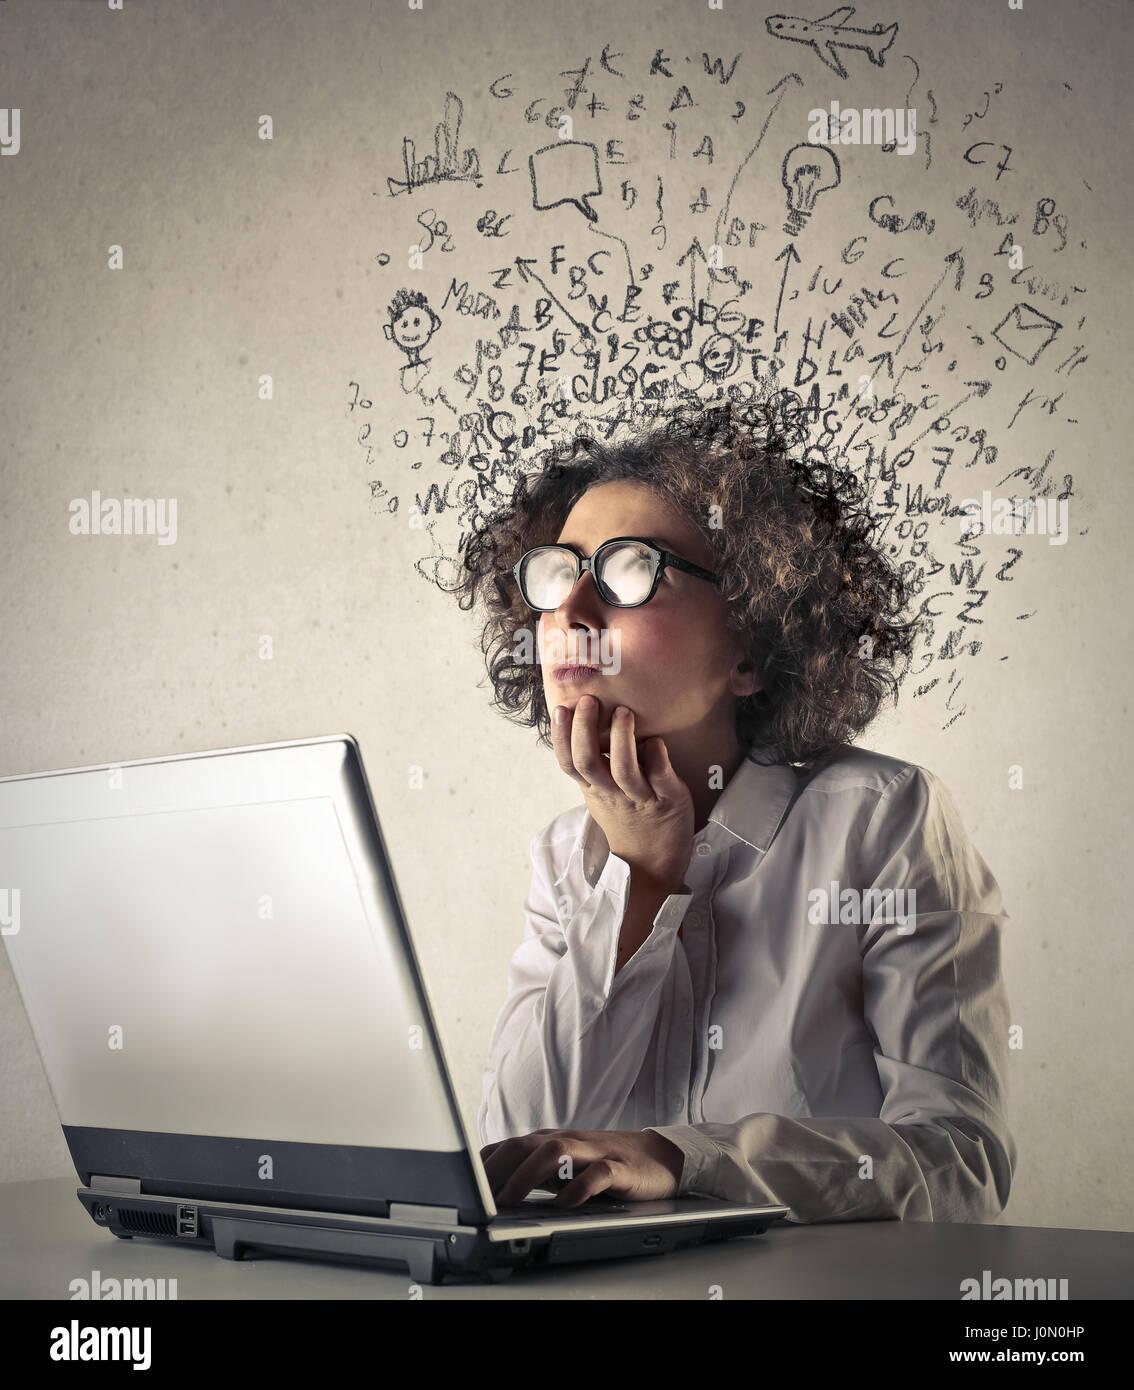 Frau vor Laptop denken Stockbild